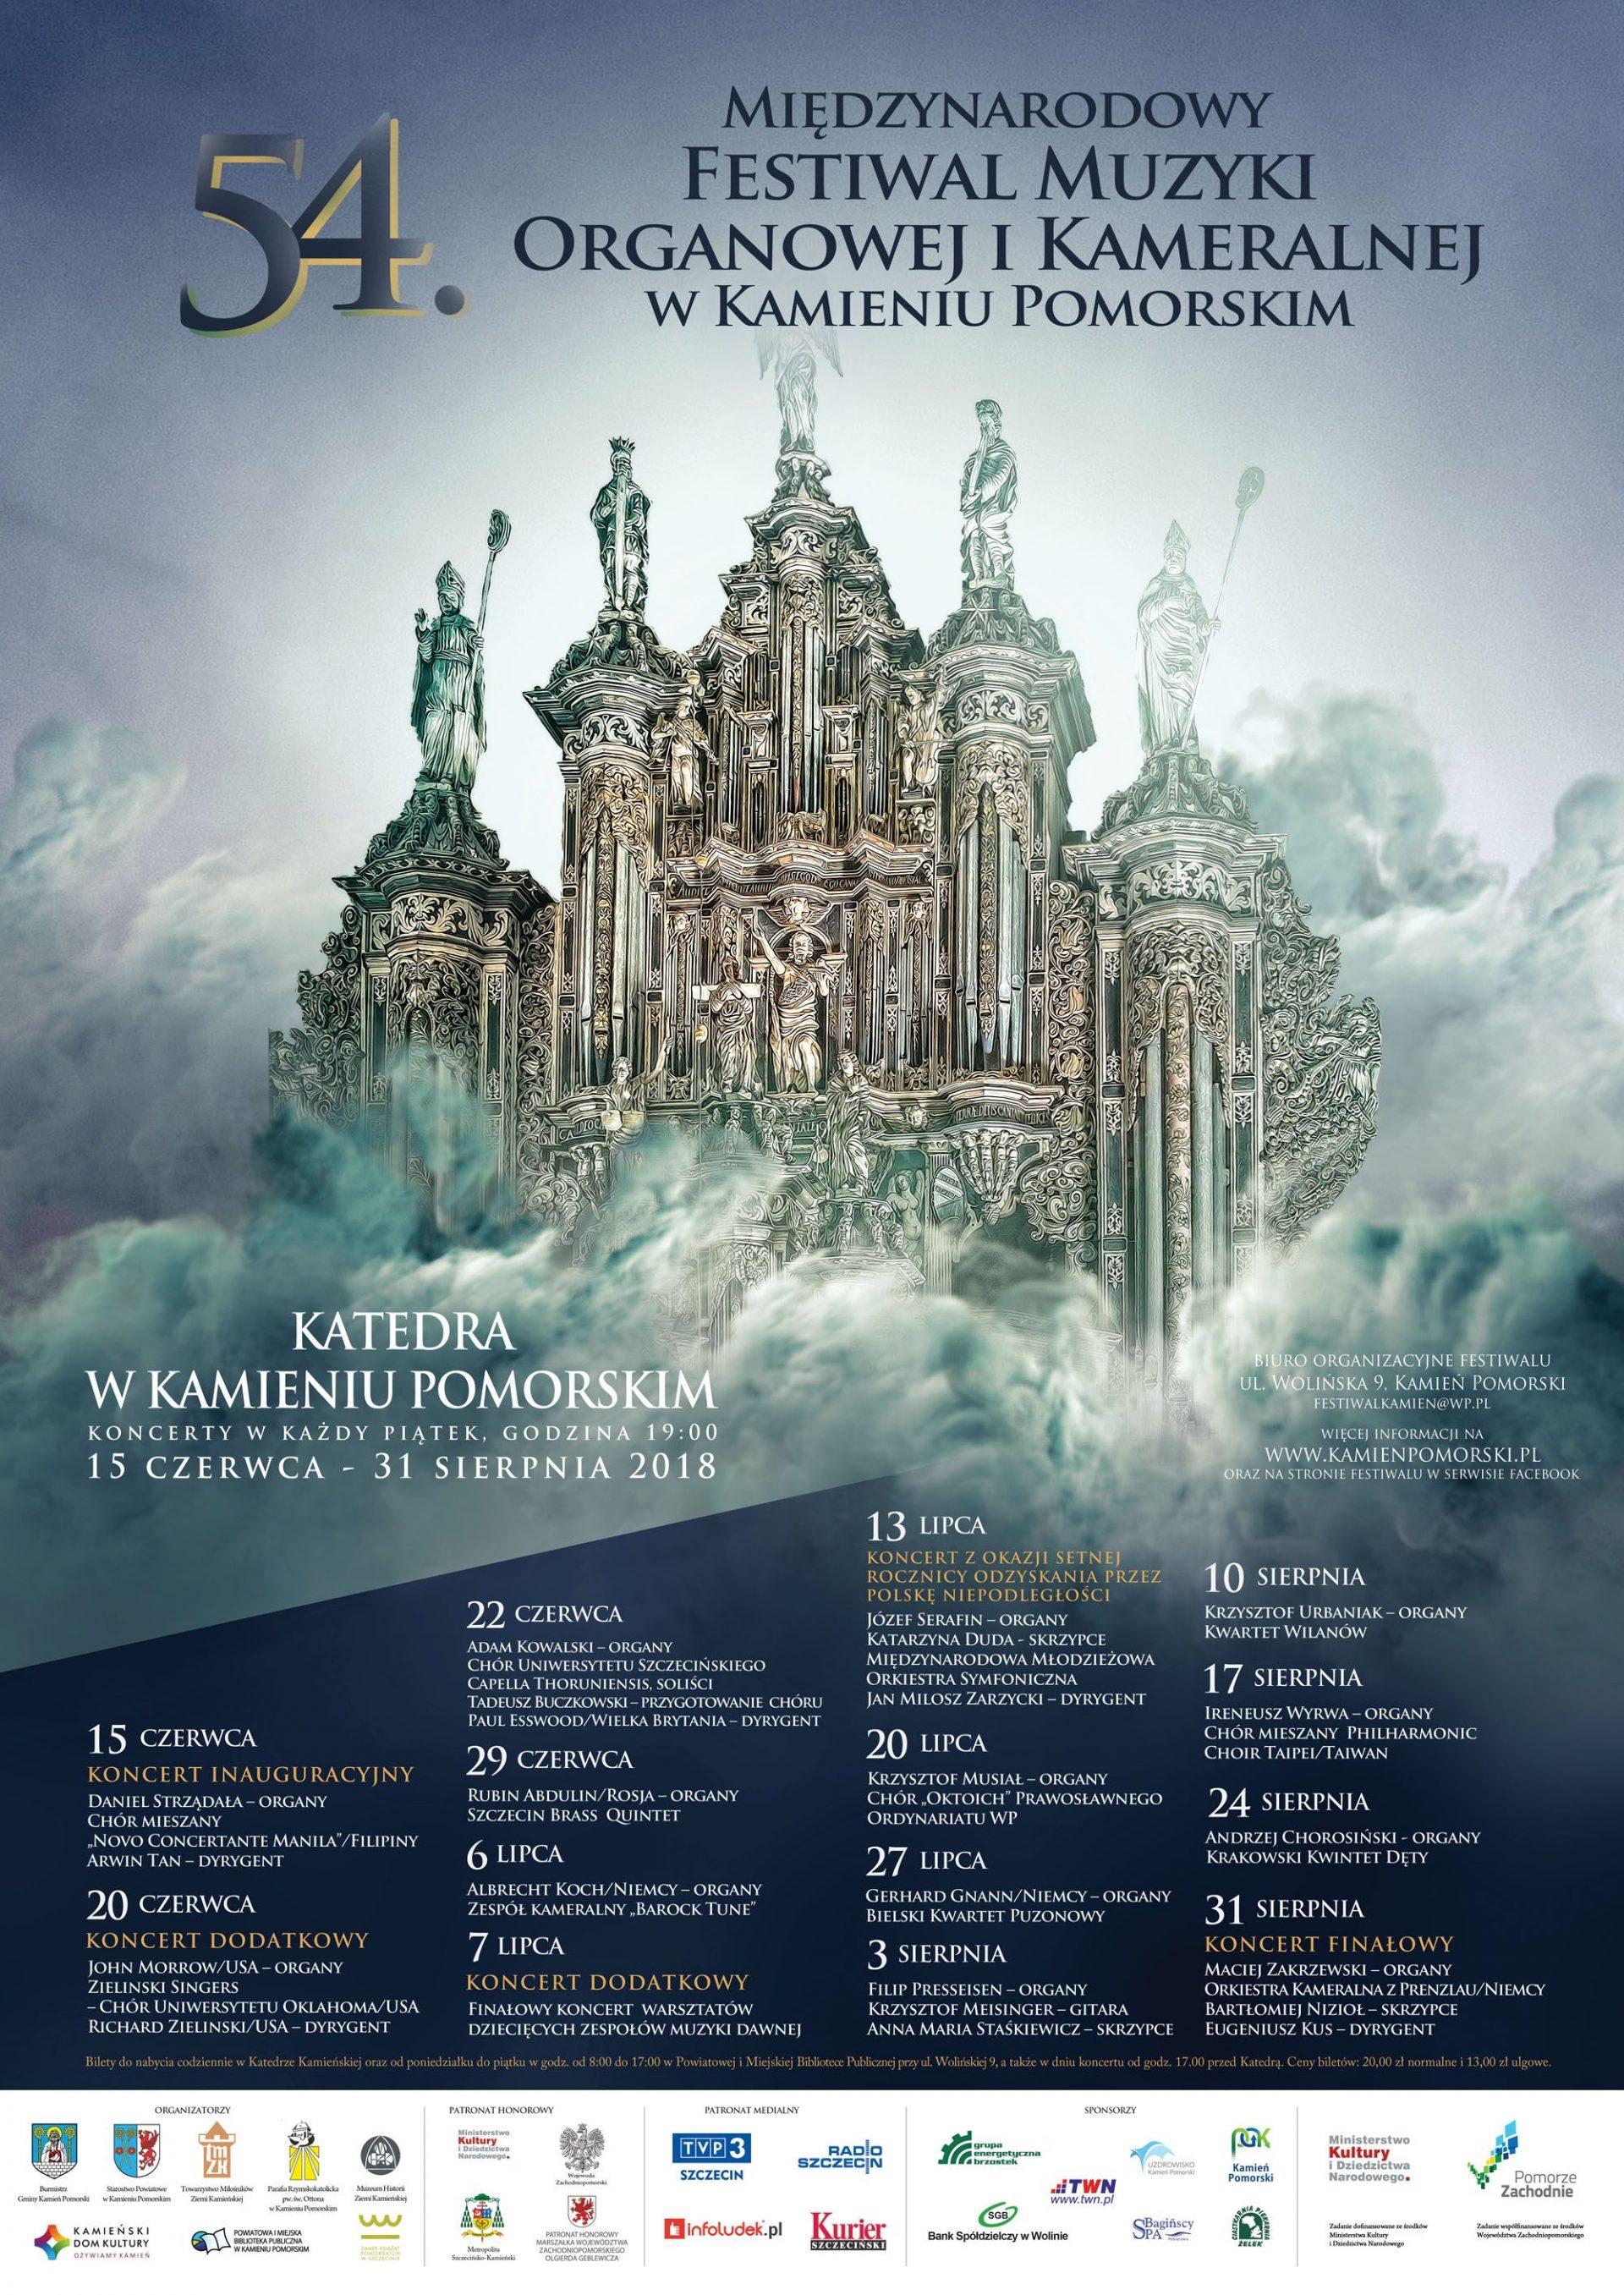 Festiwal Muzyki Organowej iKameralnej